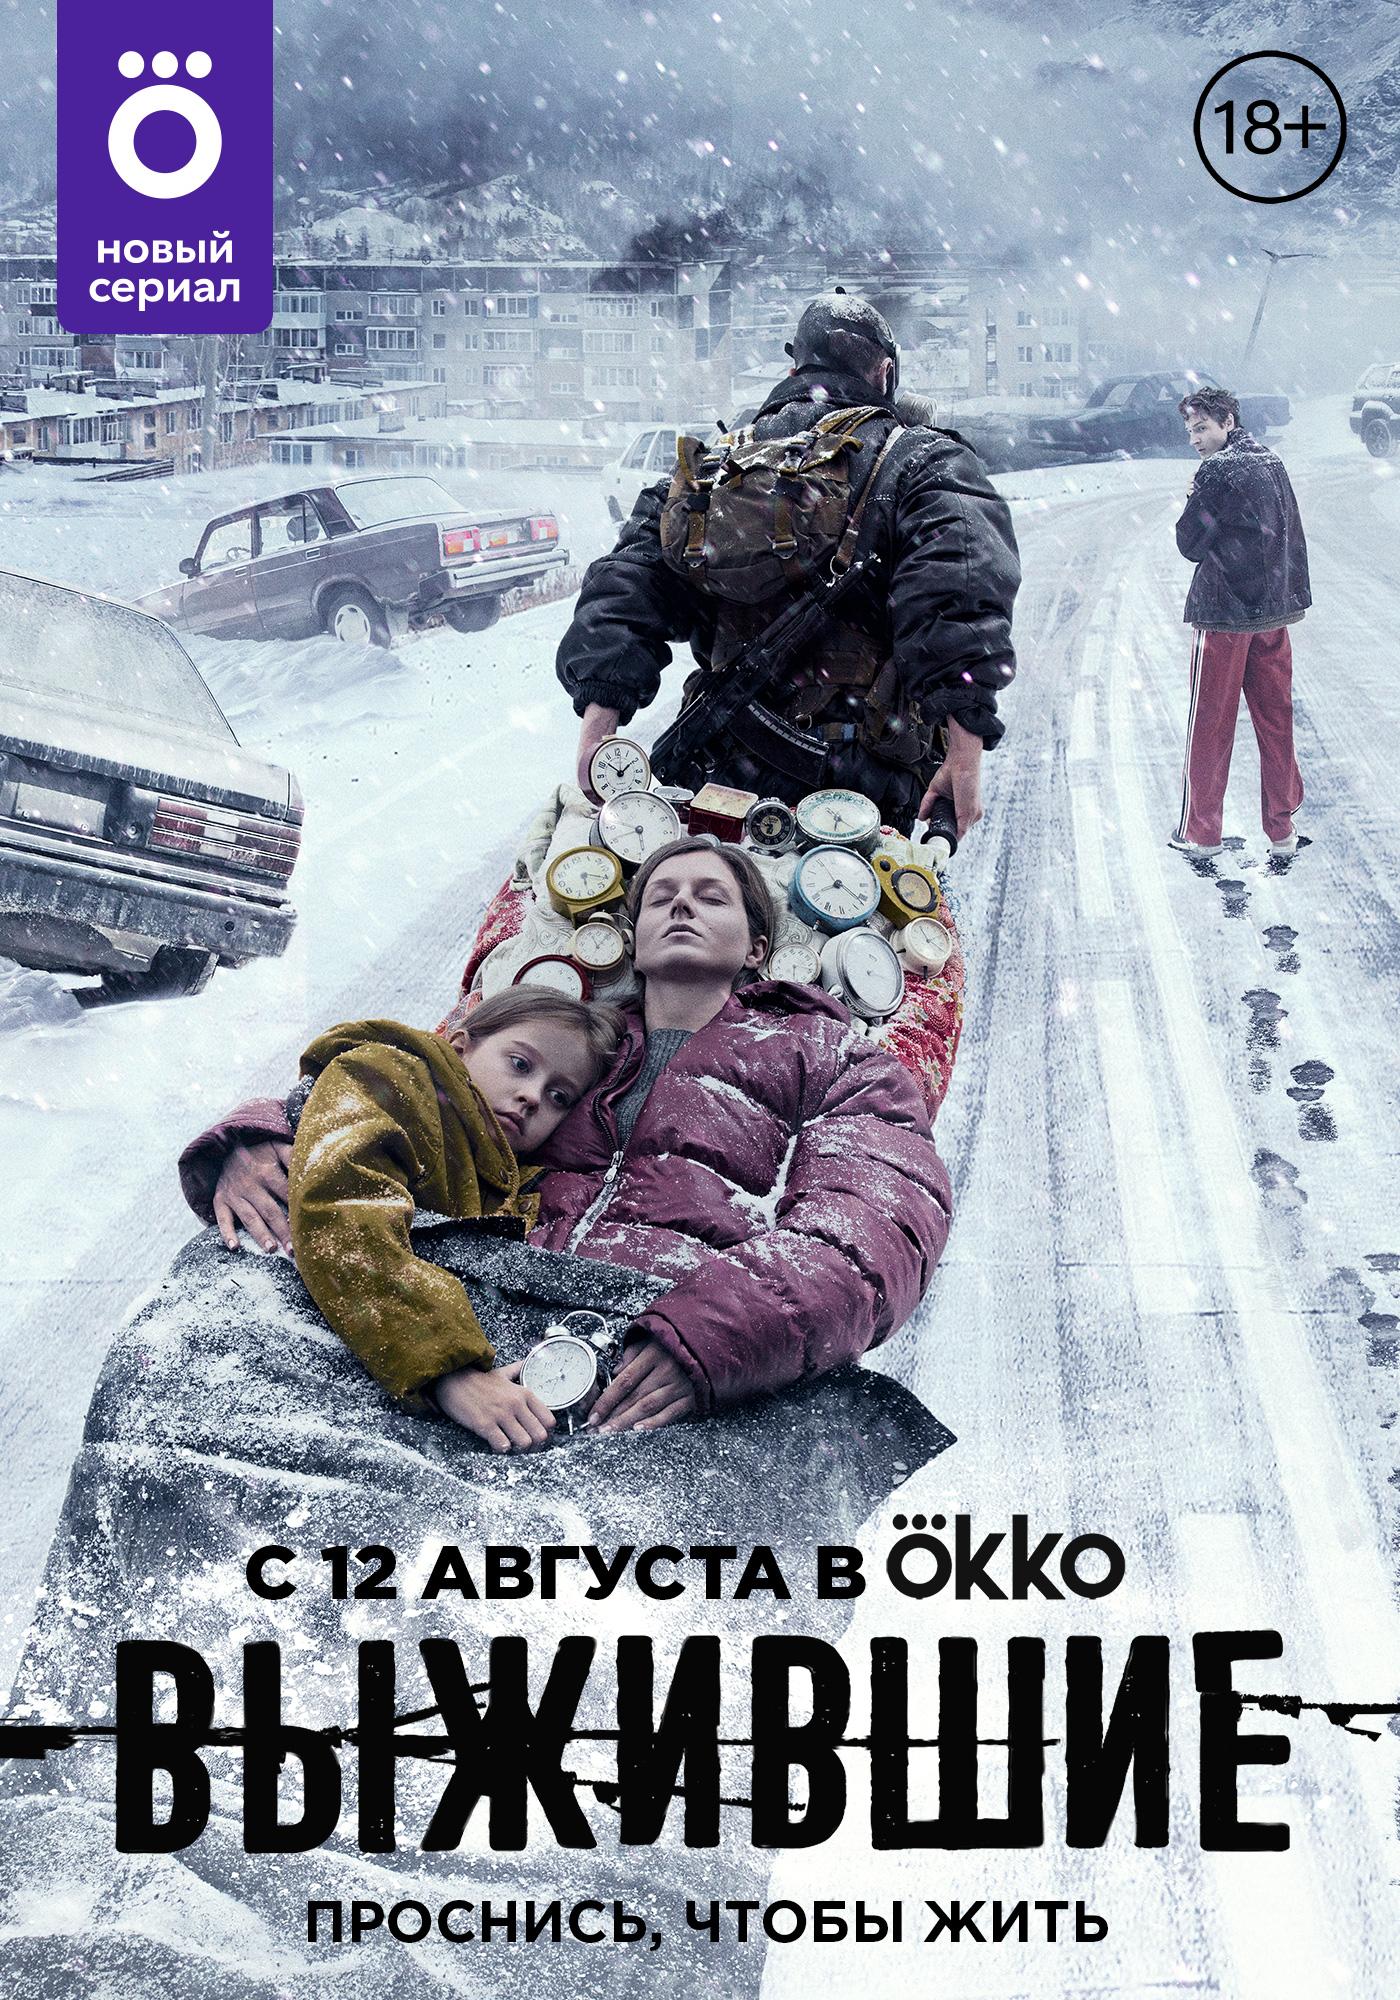 Выжившие, постер № 1